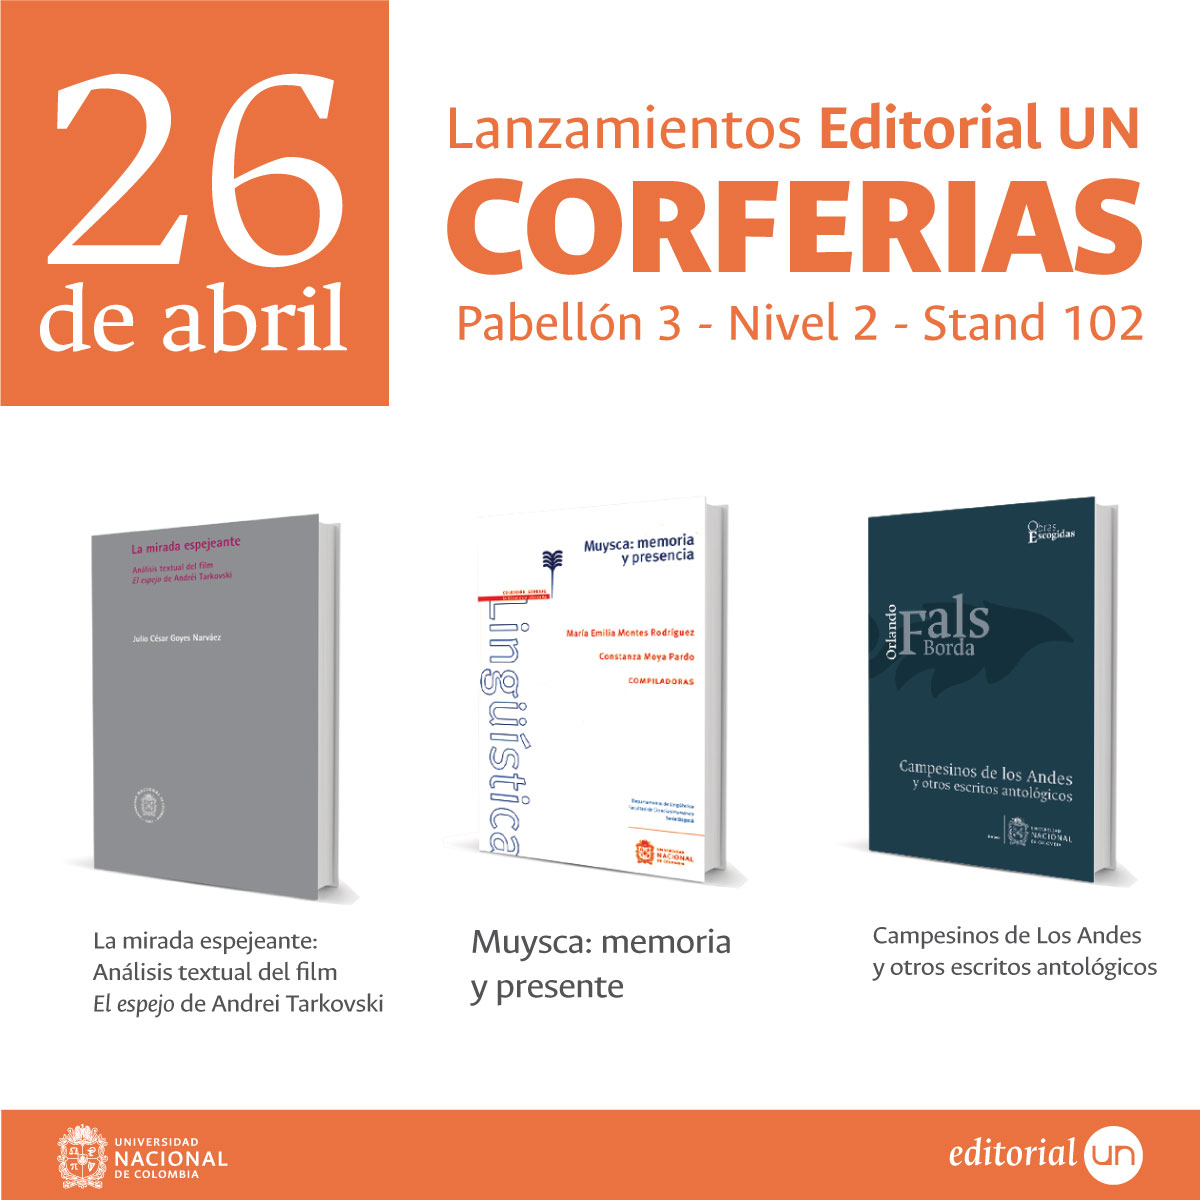 Lanzamientos de novedades editoriales de la U. N. en la FILBo2017 (26 de abril de 2017)